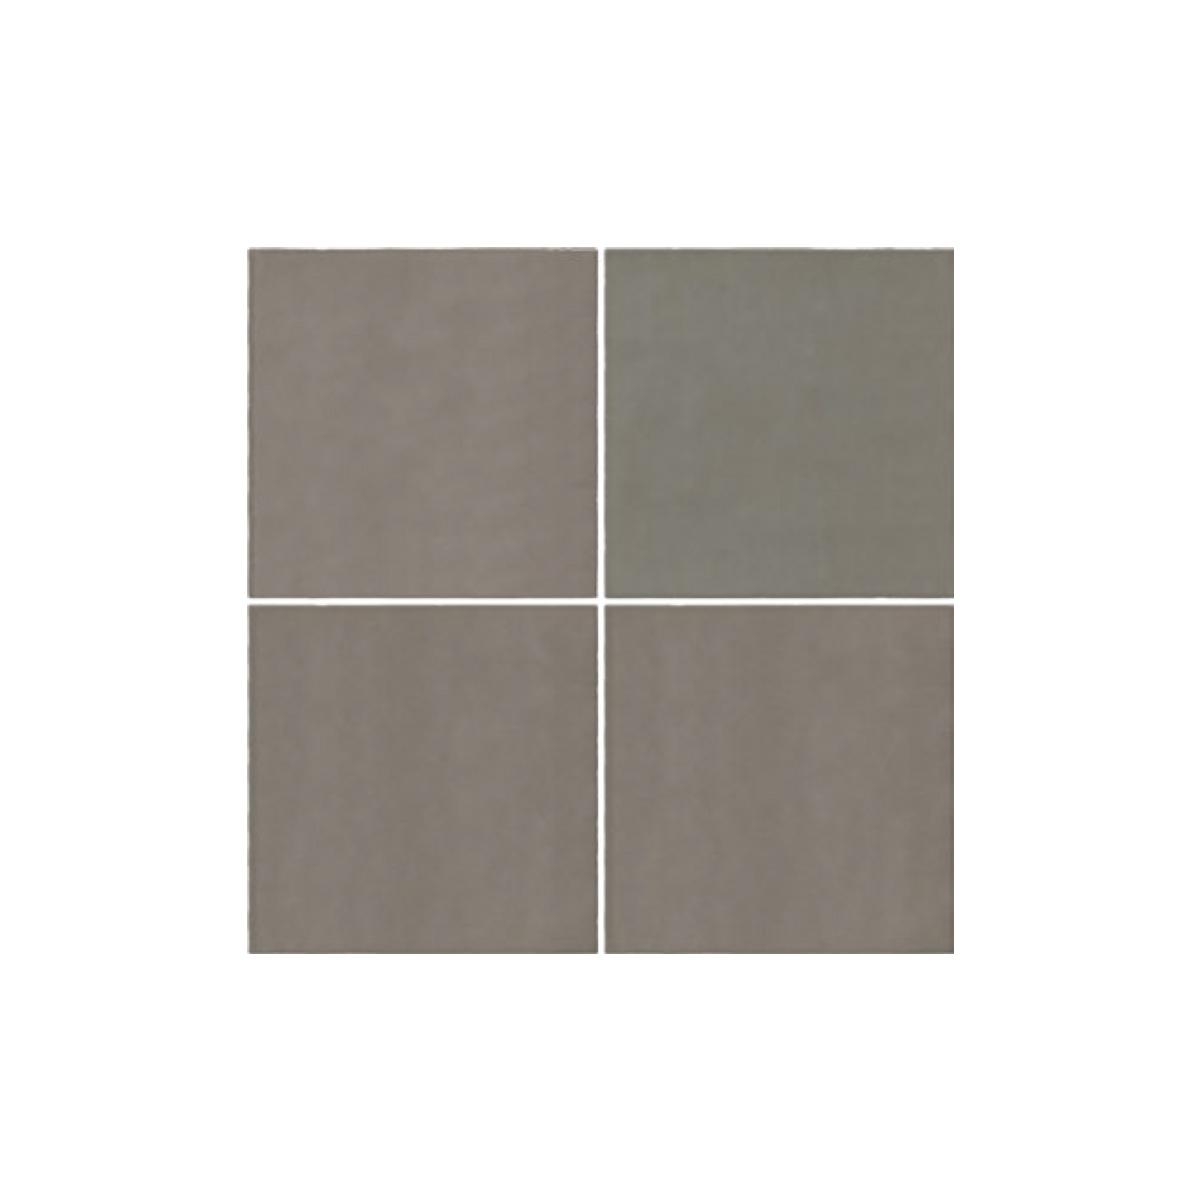 Casablanca - Latte - Square Feature Tiles - 120x120mm